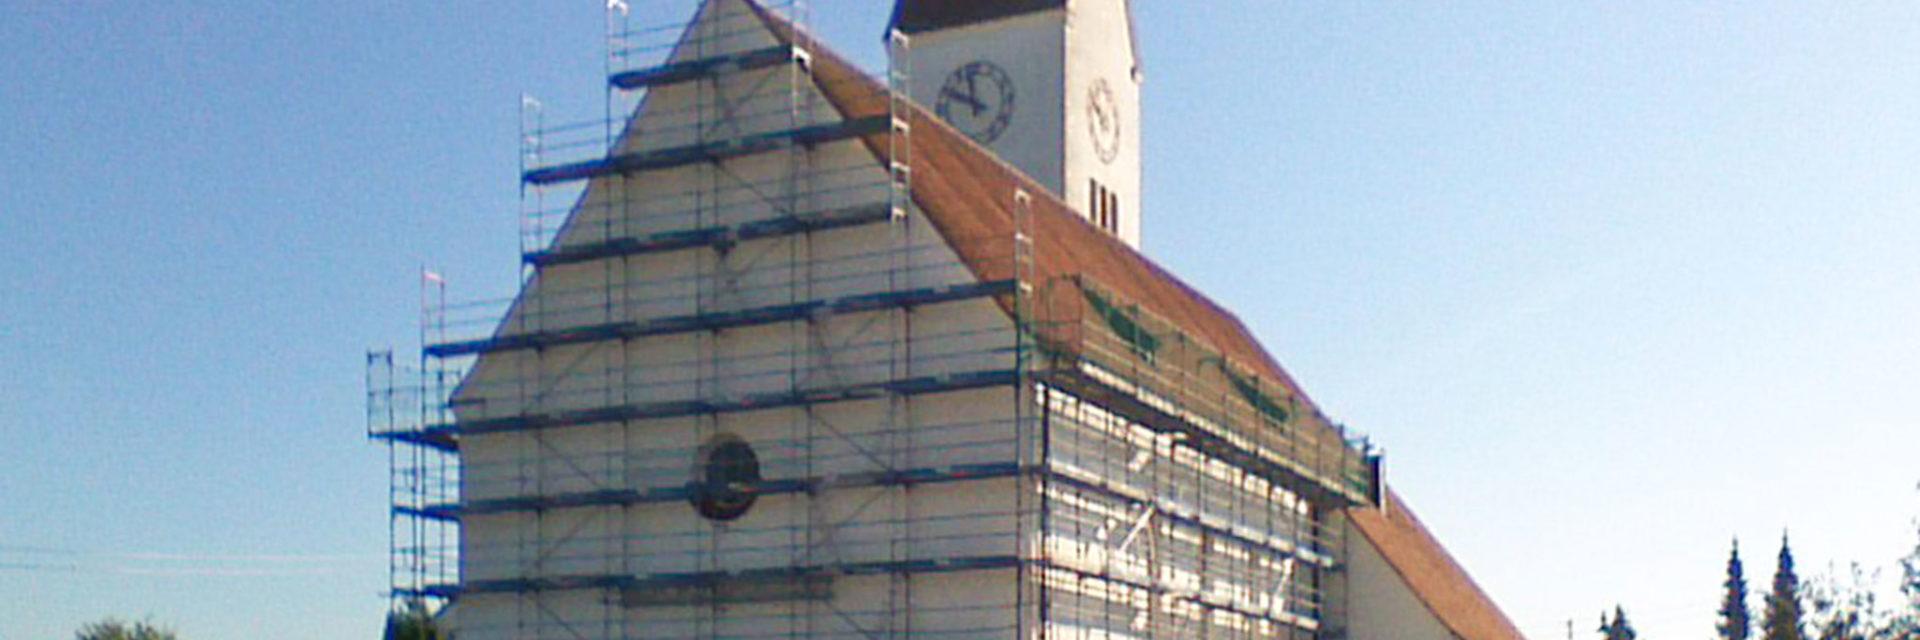 Außenansicht der eingerüsteten Kirche in Unterkammlach